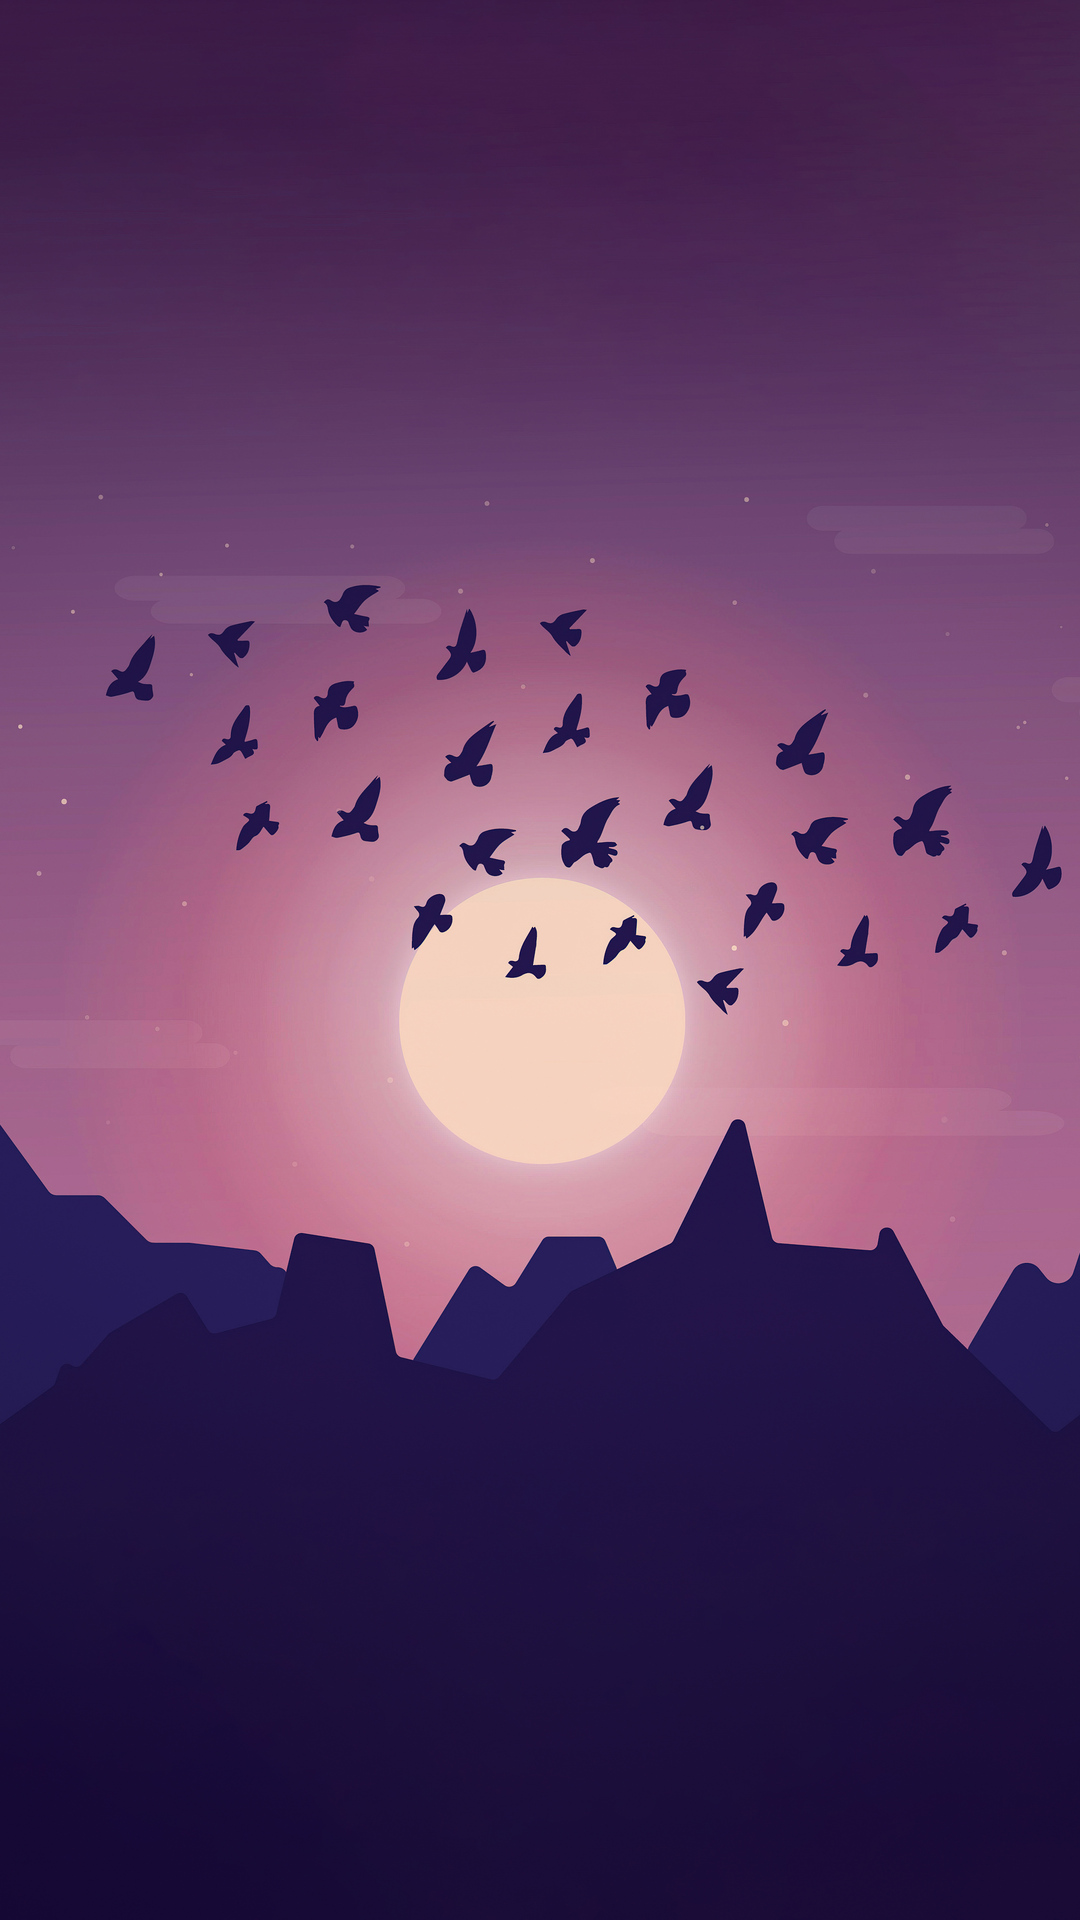 birds-sky-minimal-5k-29.jpg